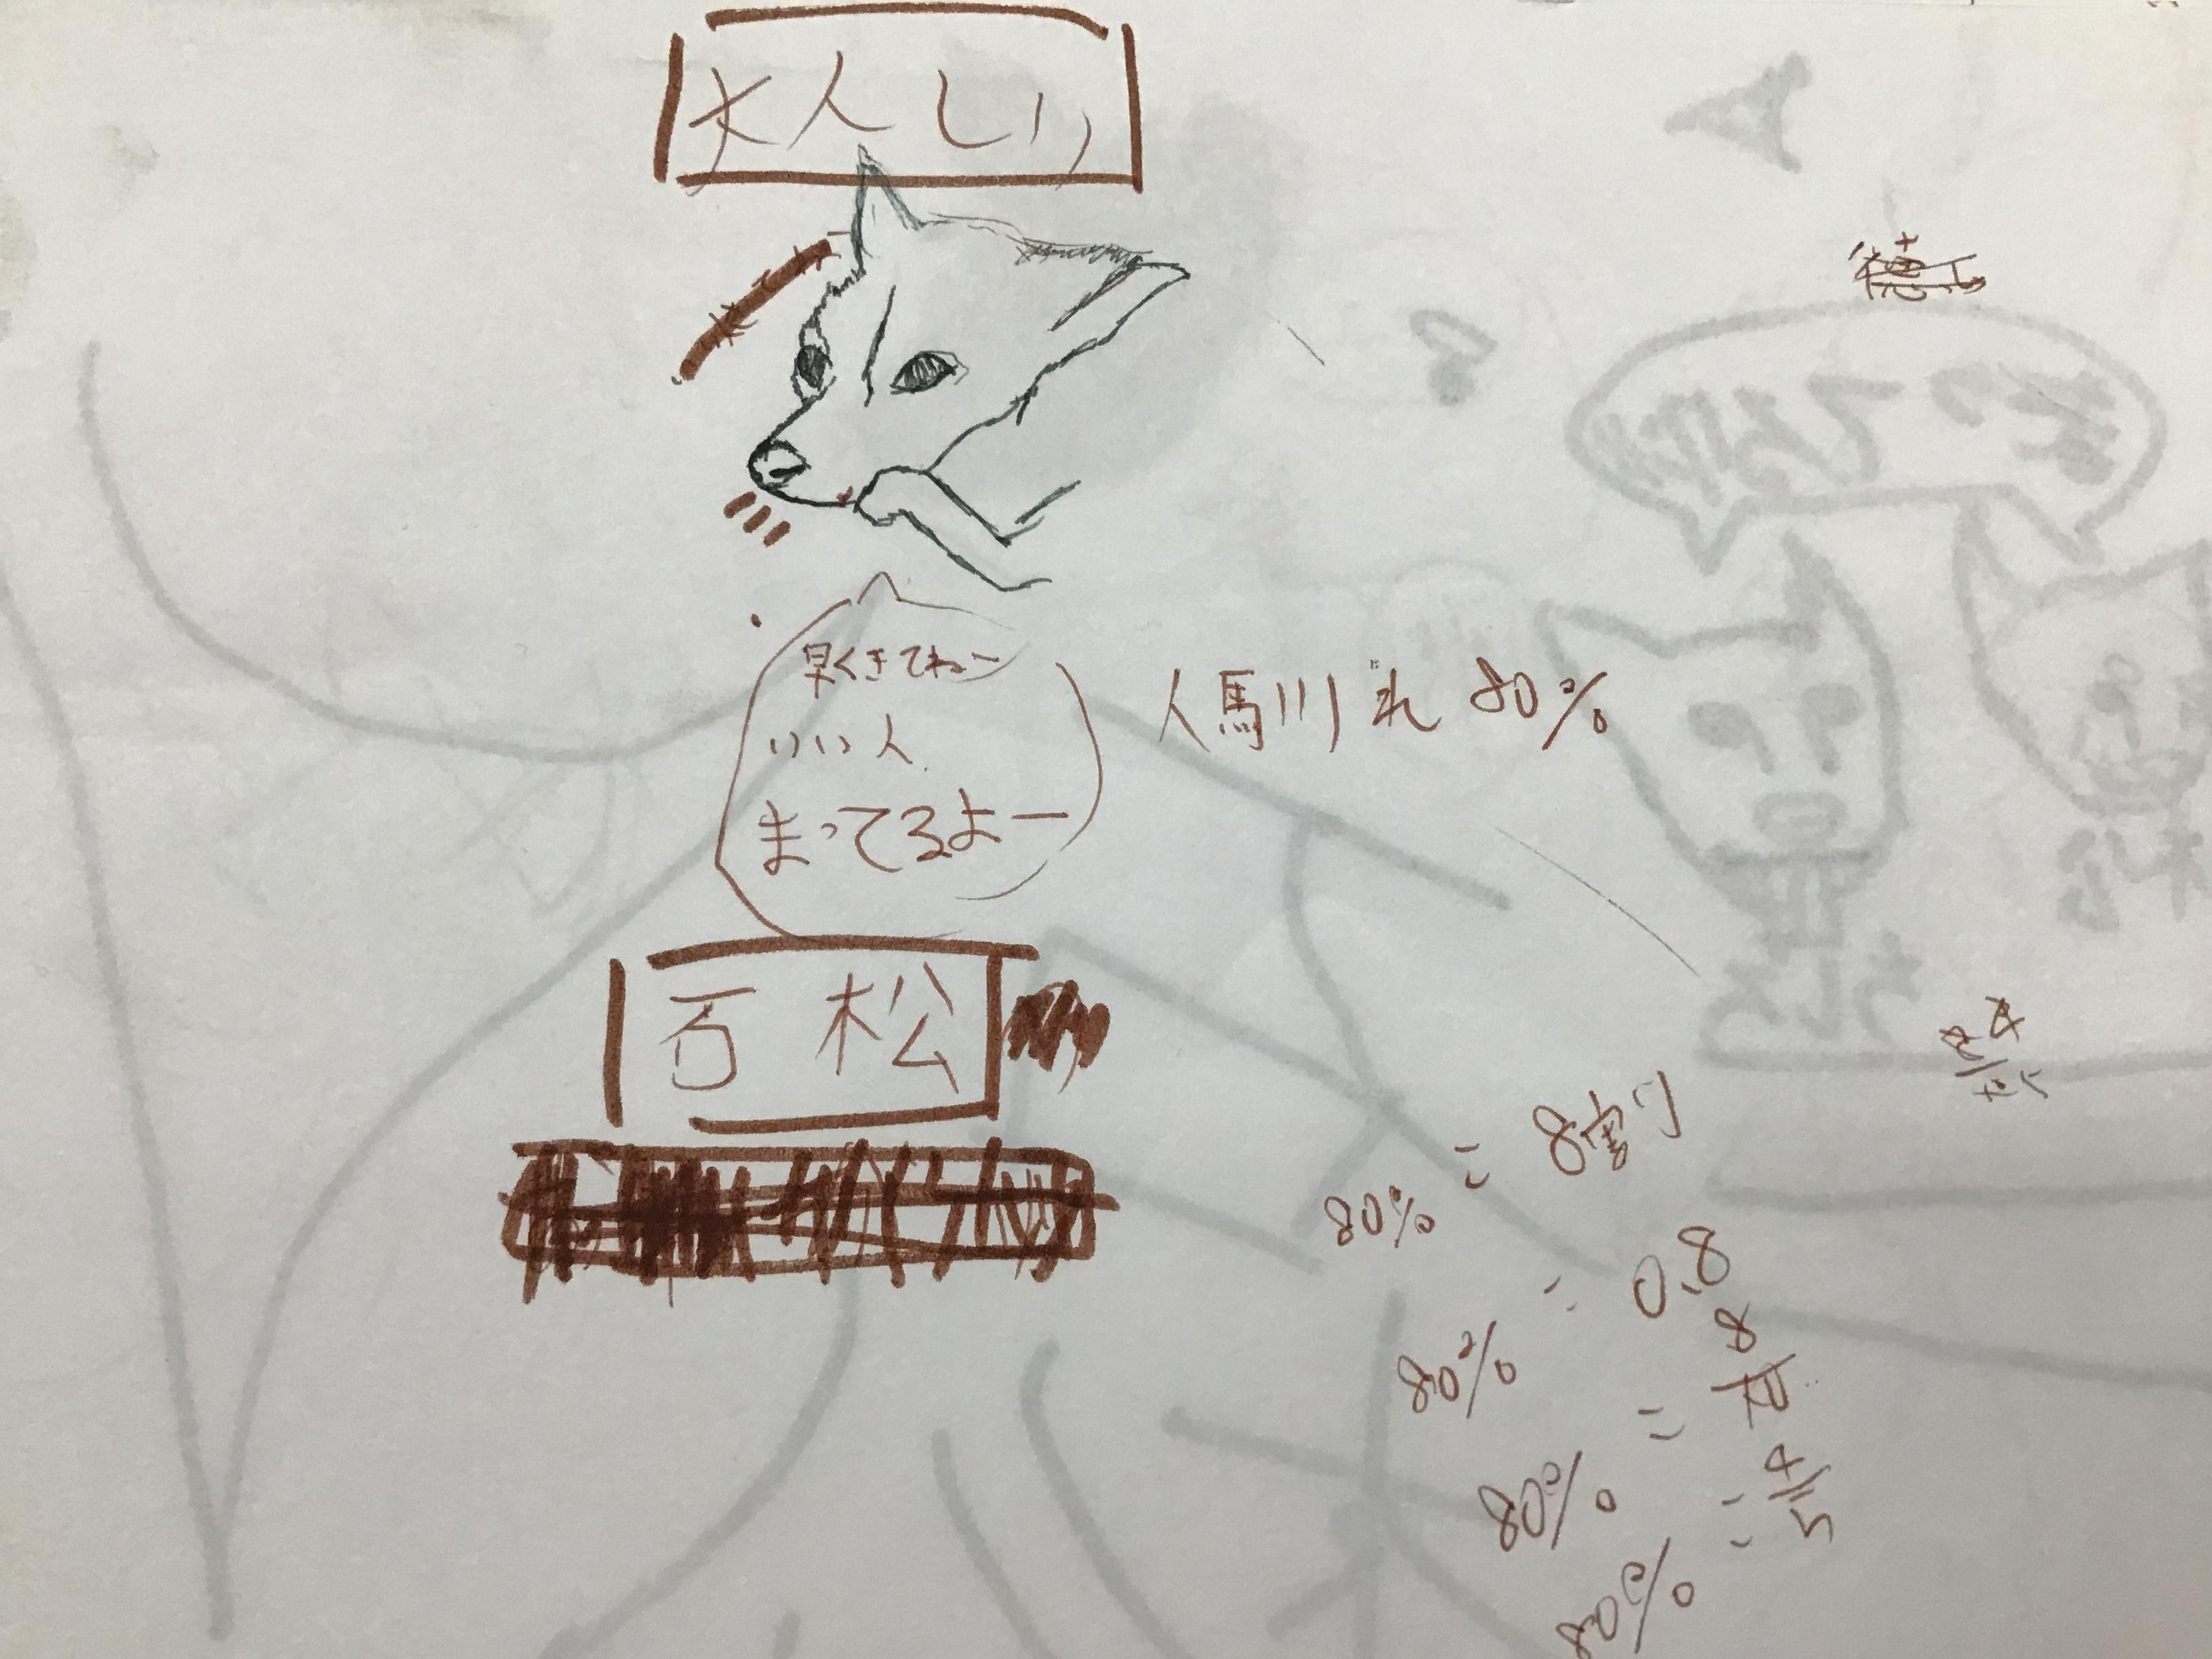 ちしろと石松 アート作品